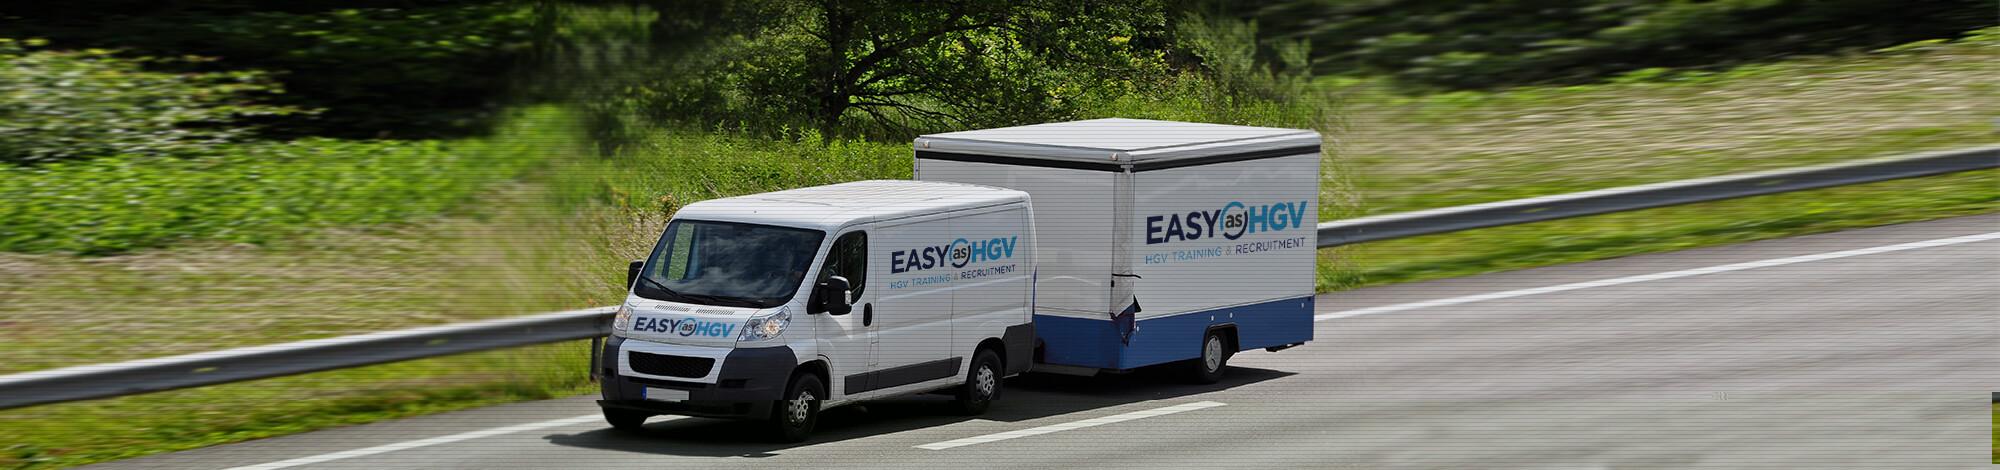 easy as hgv branded vans